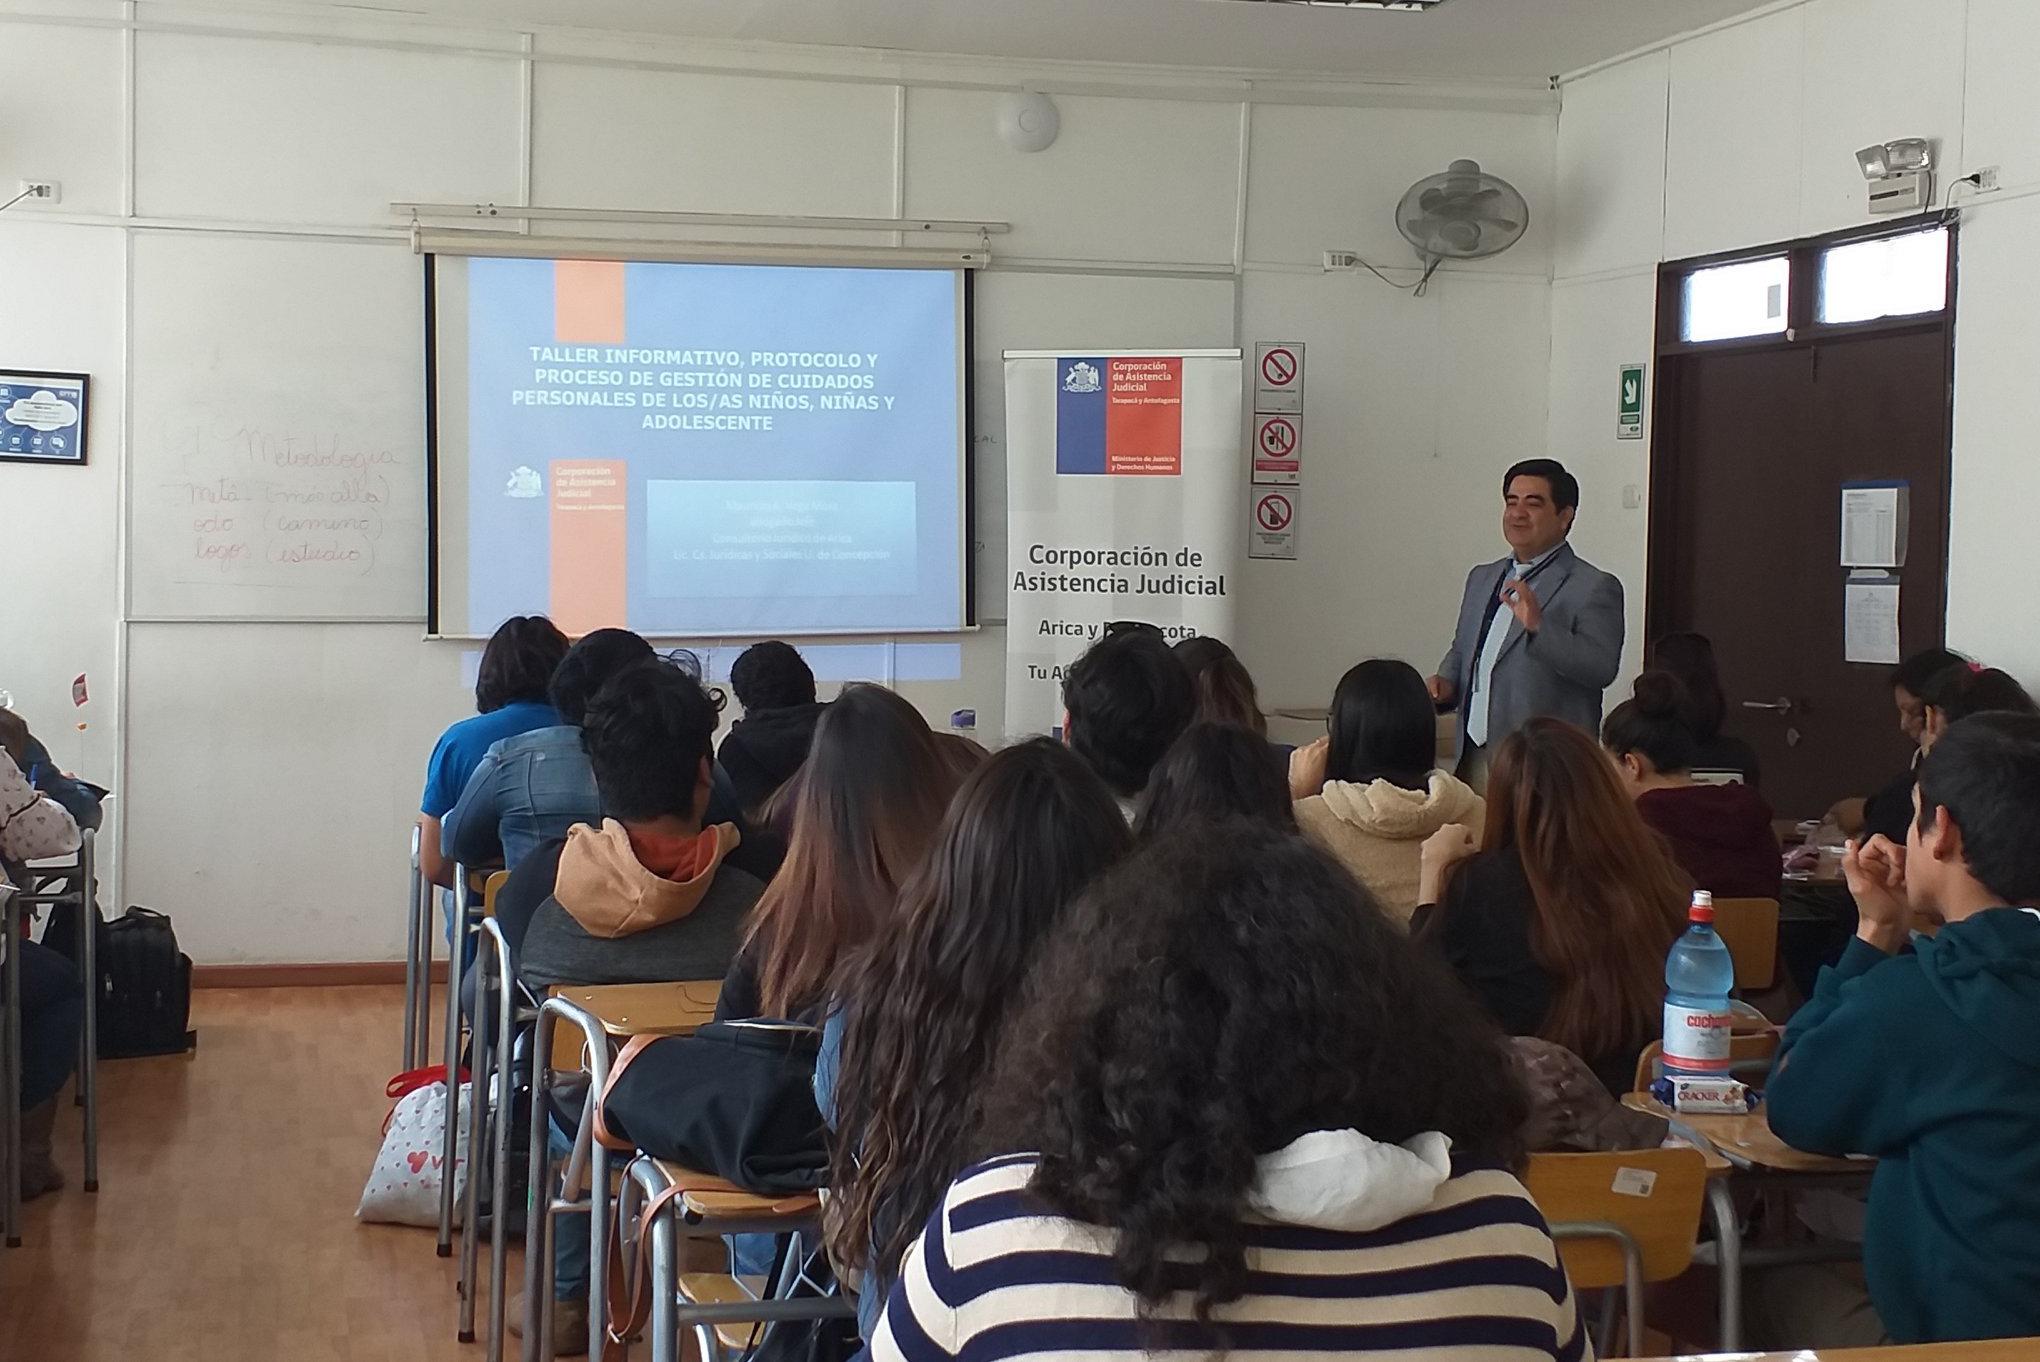 Consultorio Jurídico de Arica realiza charla en Universidad de Tarapacá